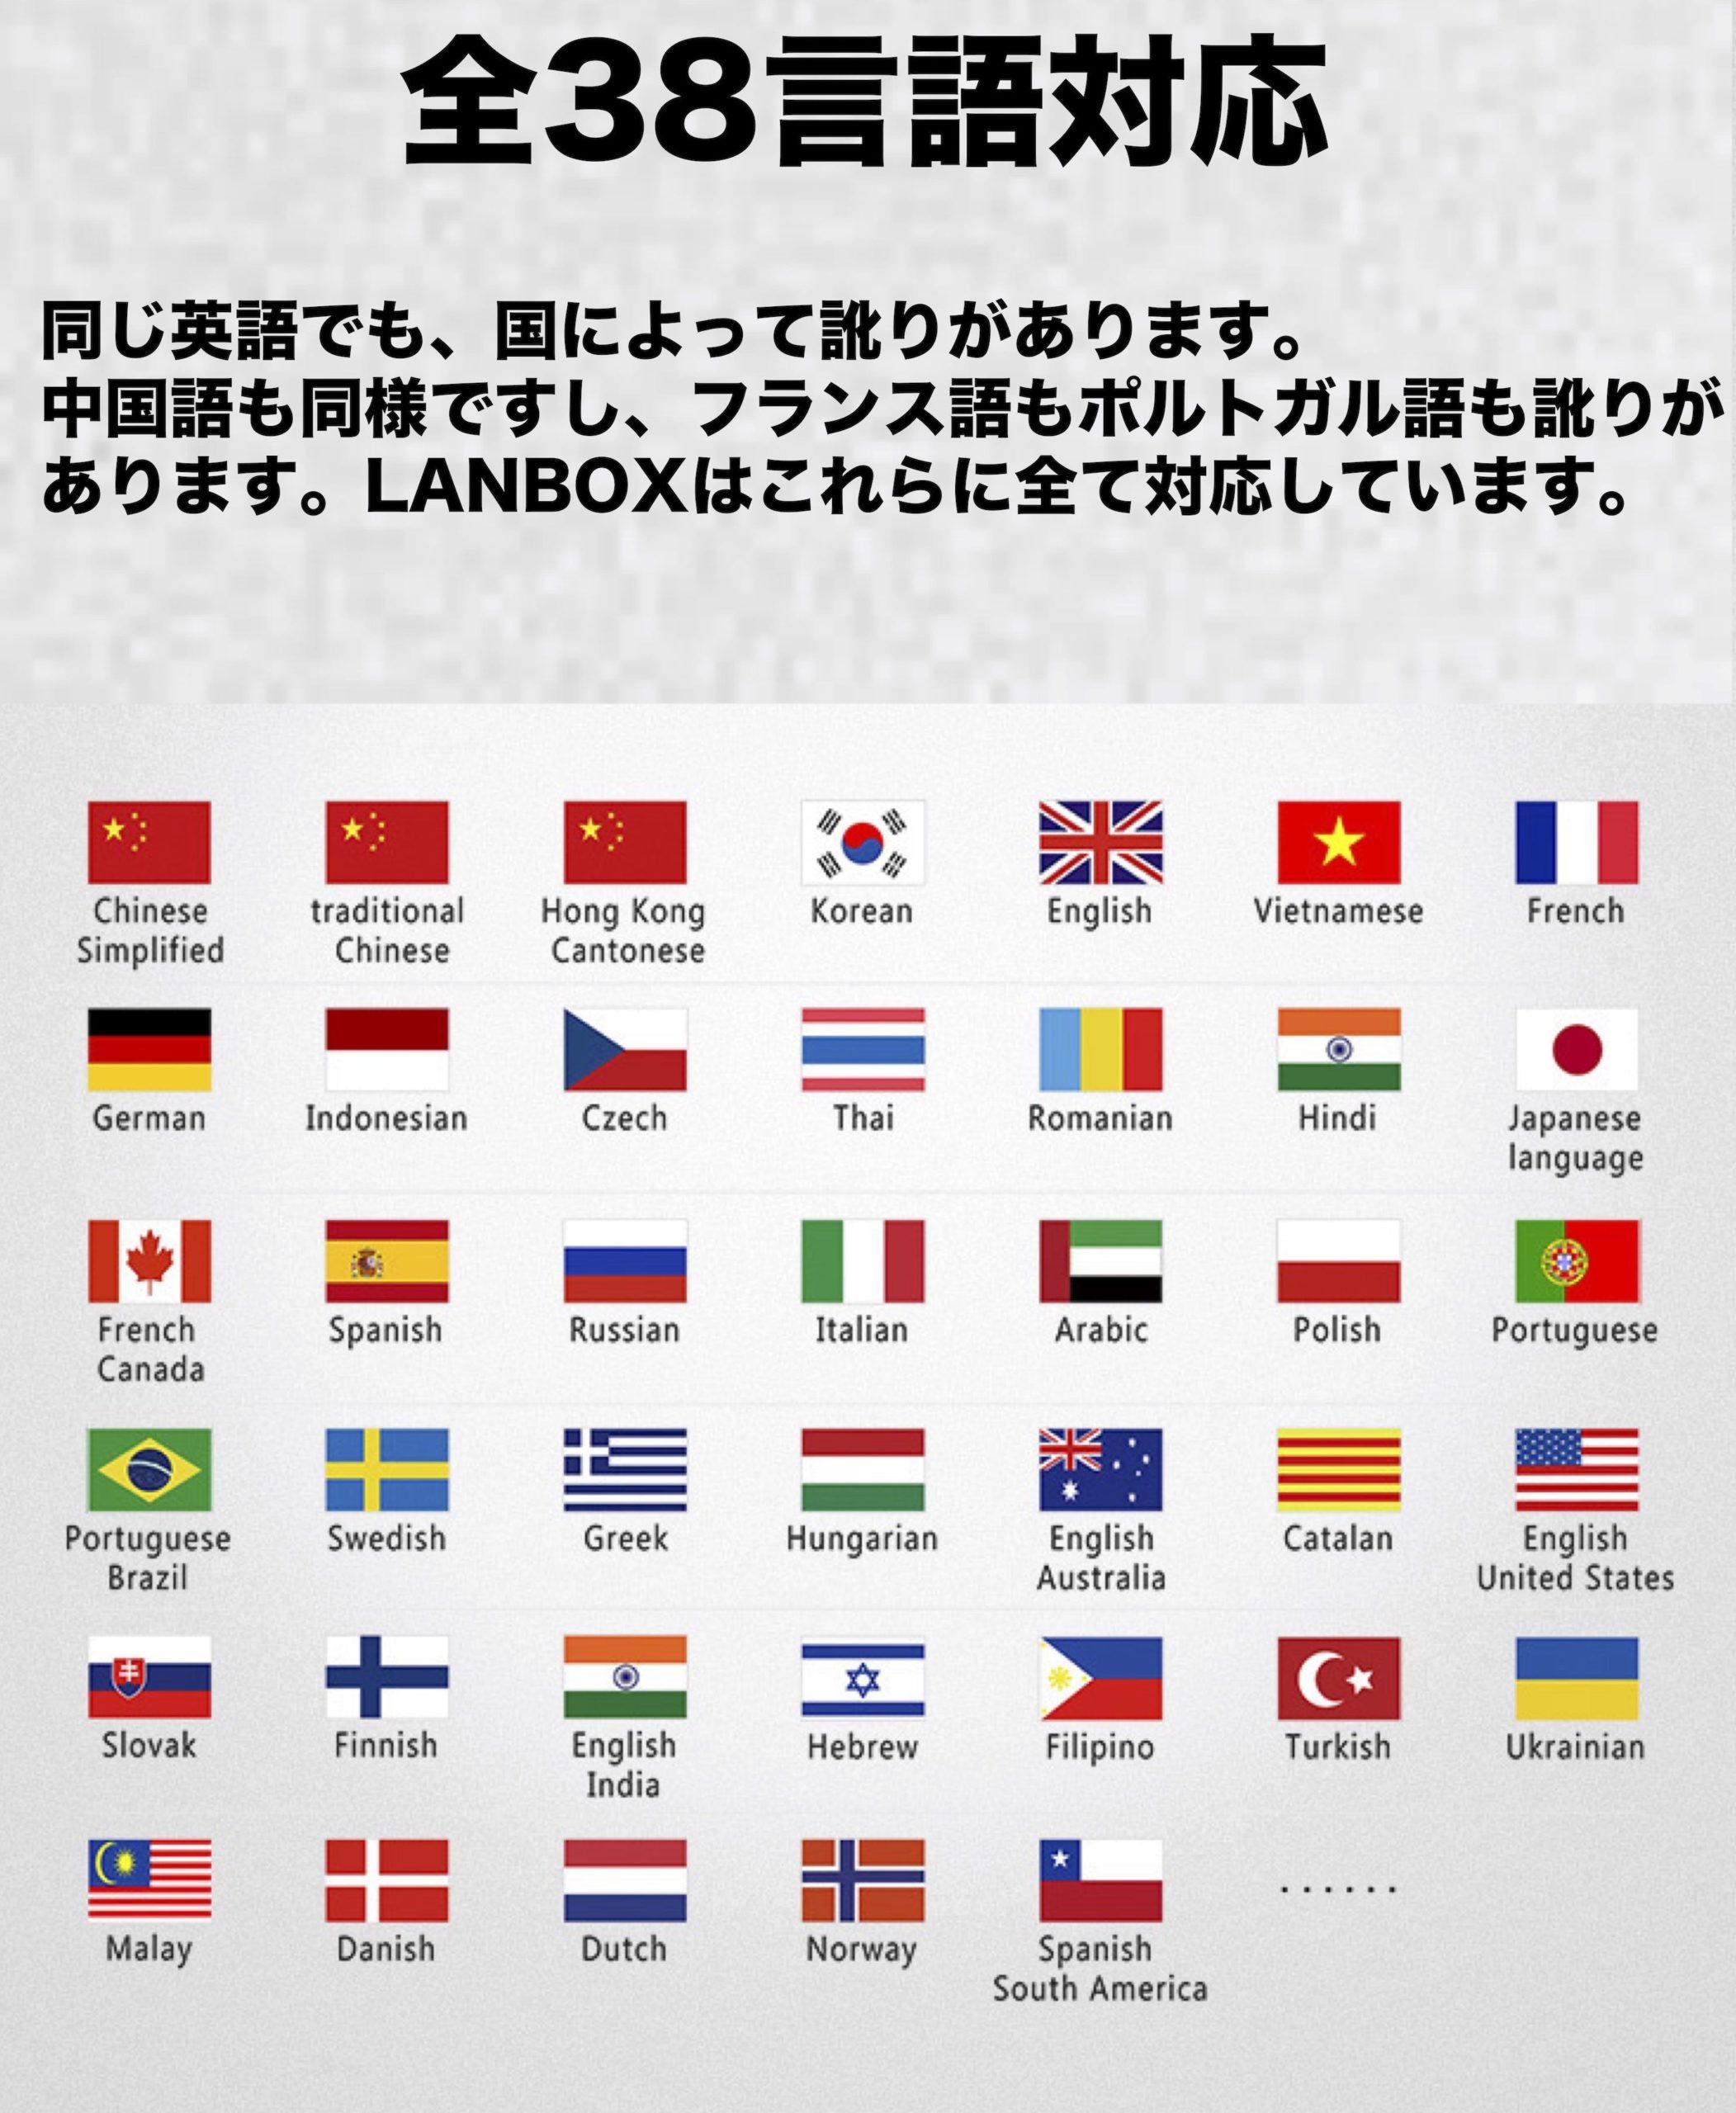 全38言語に対応した幅の広さ